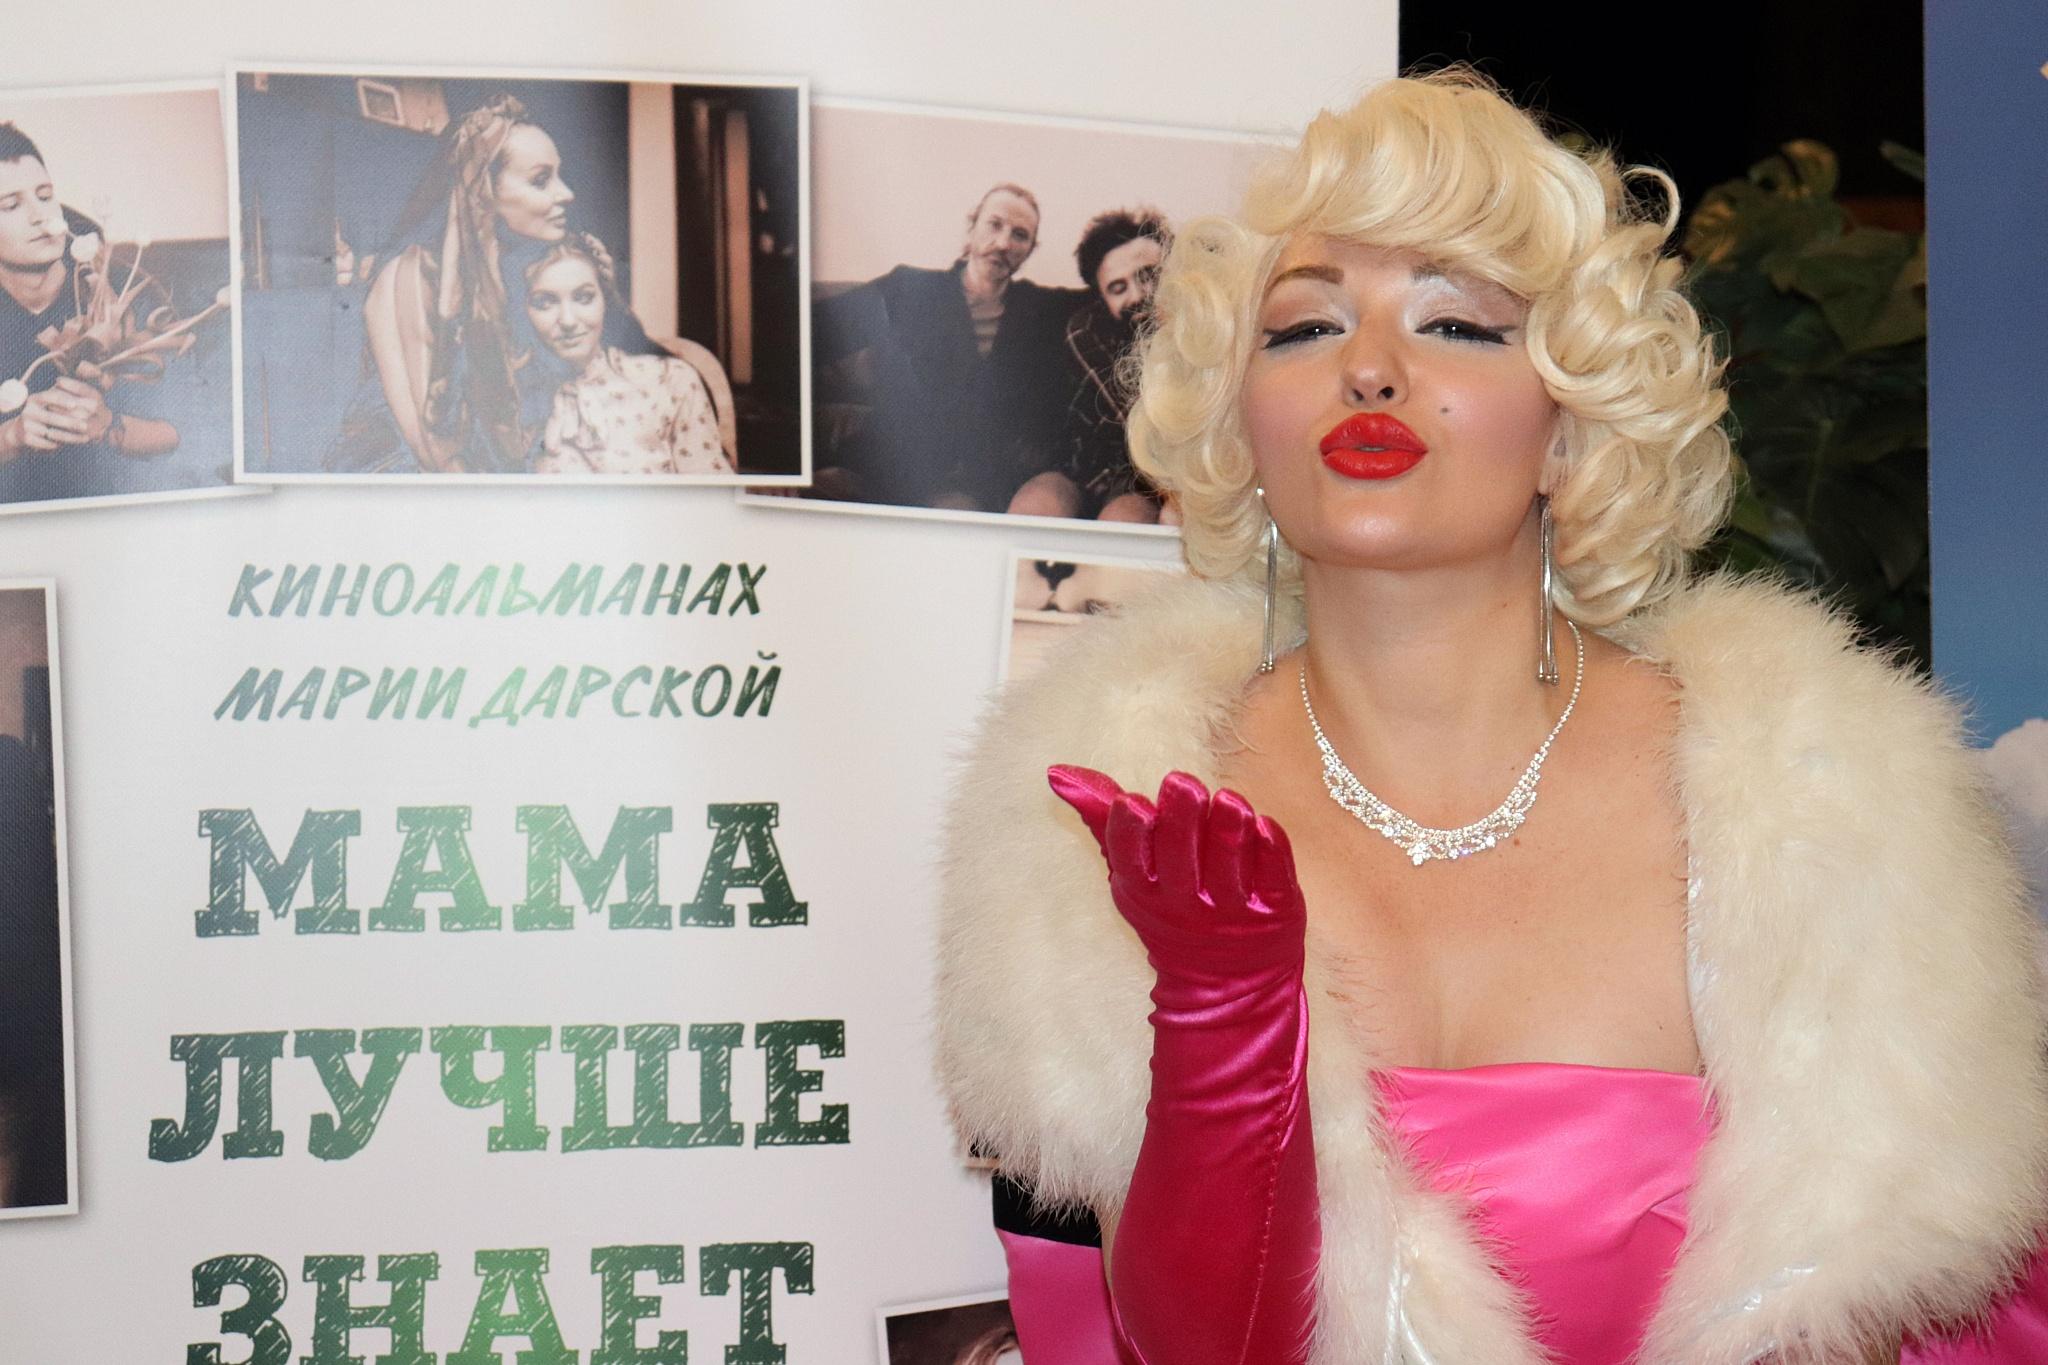 Оксана Шанель в образе Монро